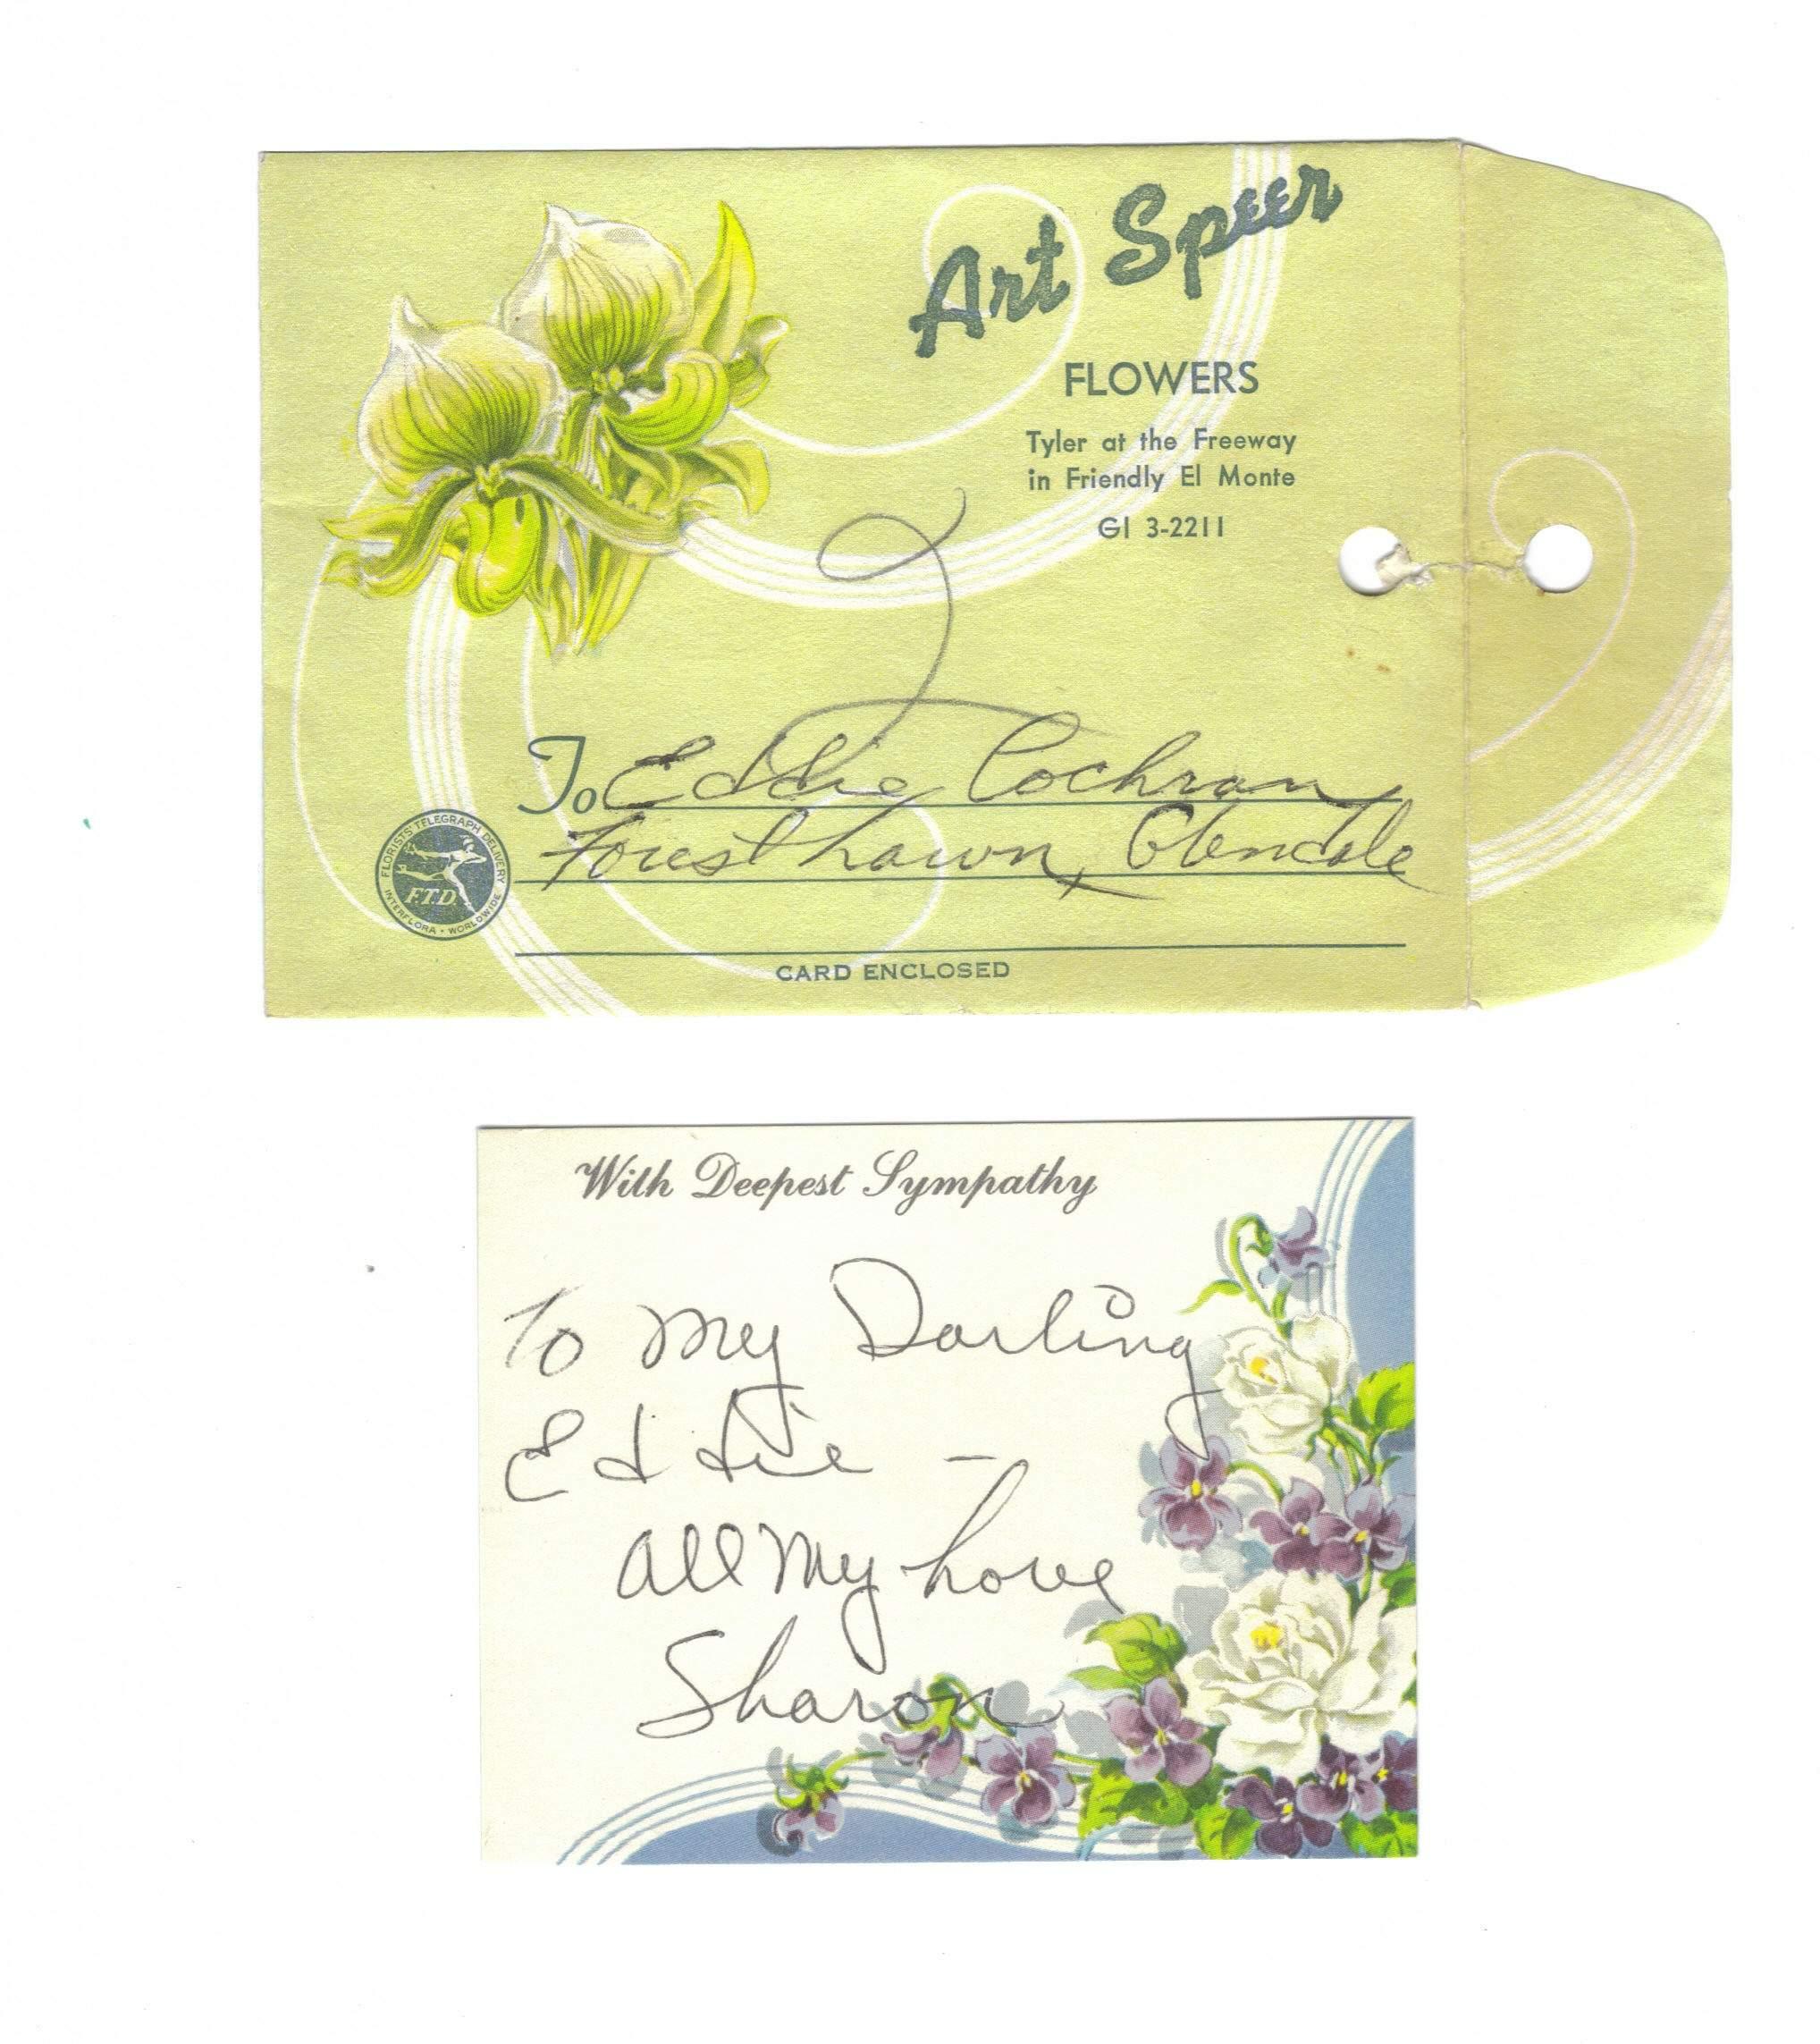 56460_Sympathy_cards_12_1_122_154lo.jpg